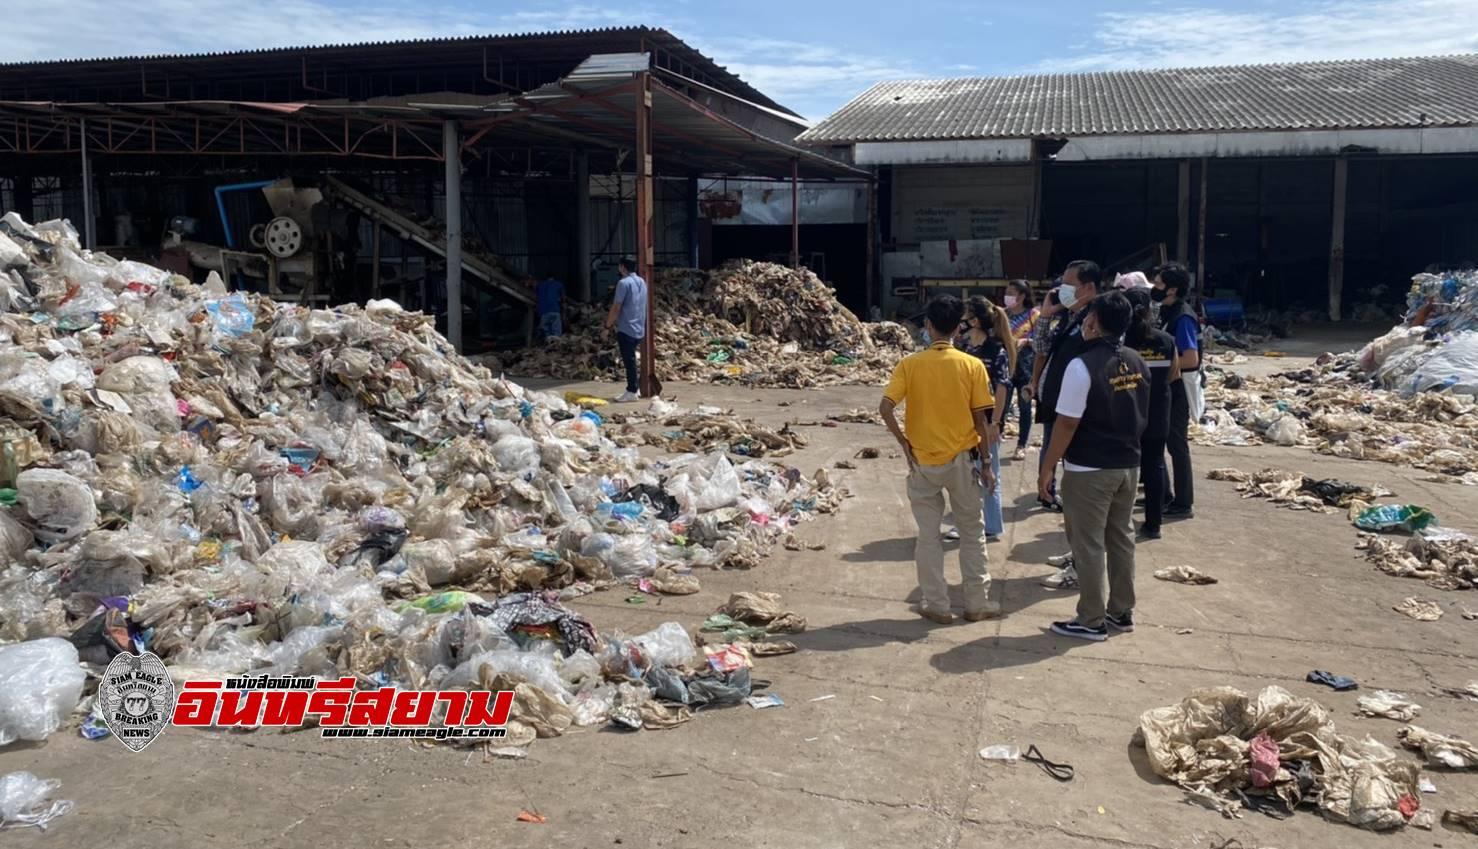 นนทบุรี-สั่งยุติโรงงานขยะรีไซค์เคิล หลังชาวบ้านร้องเรียนส่งกลิ่นเหม็น น้ำในคลองเน่า